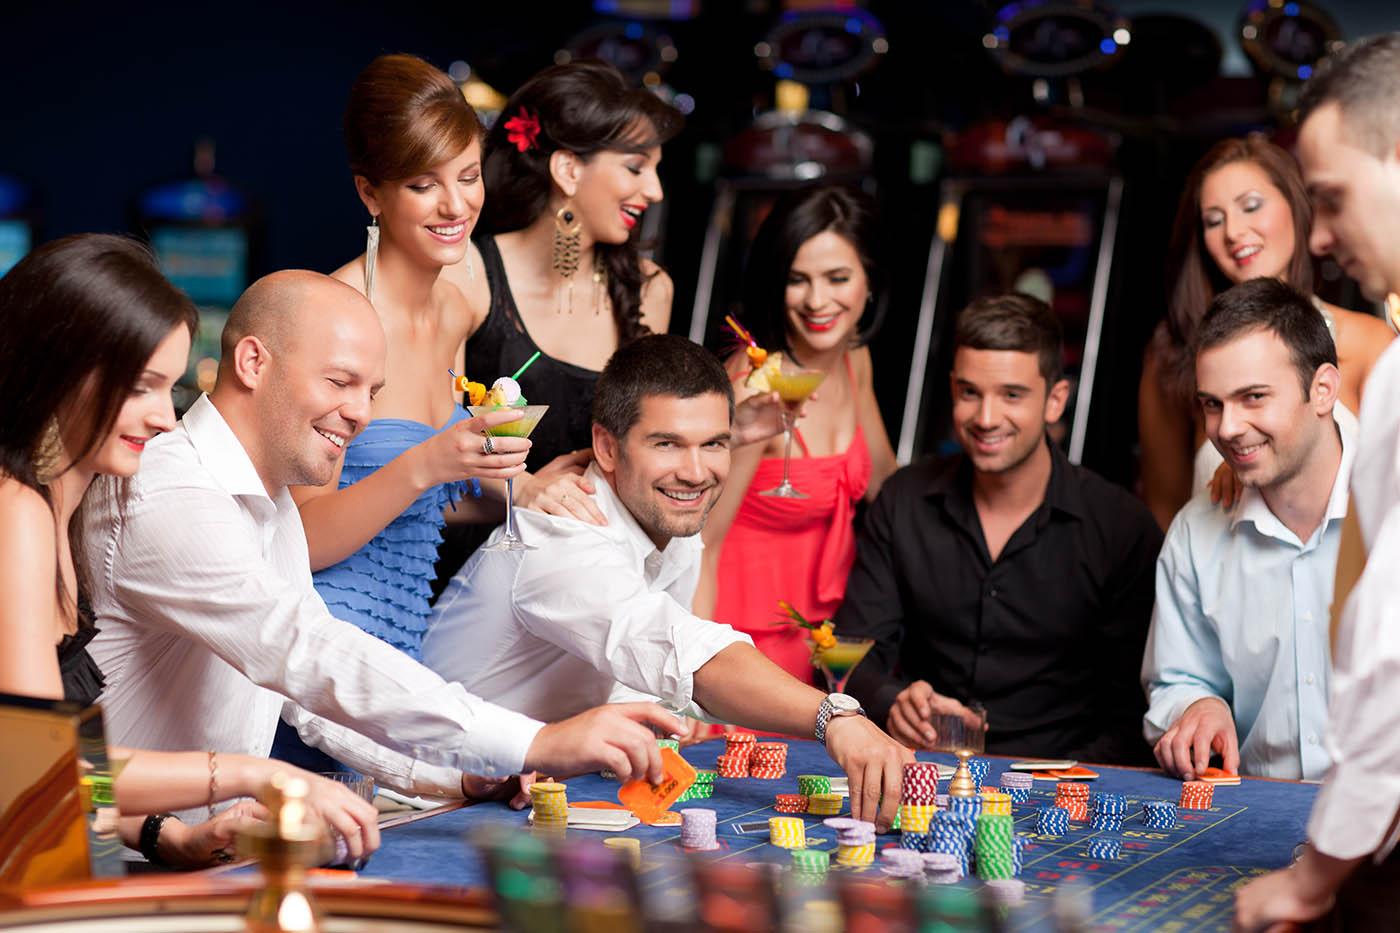 friends-casino